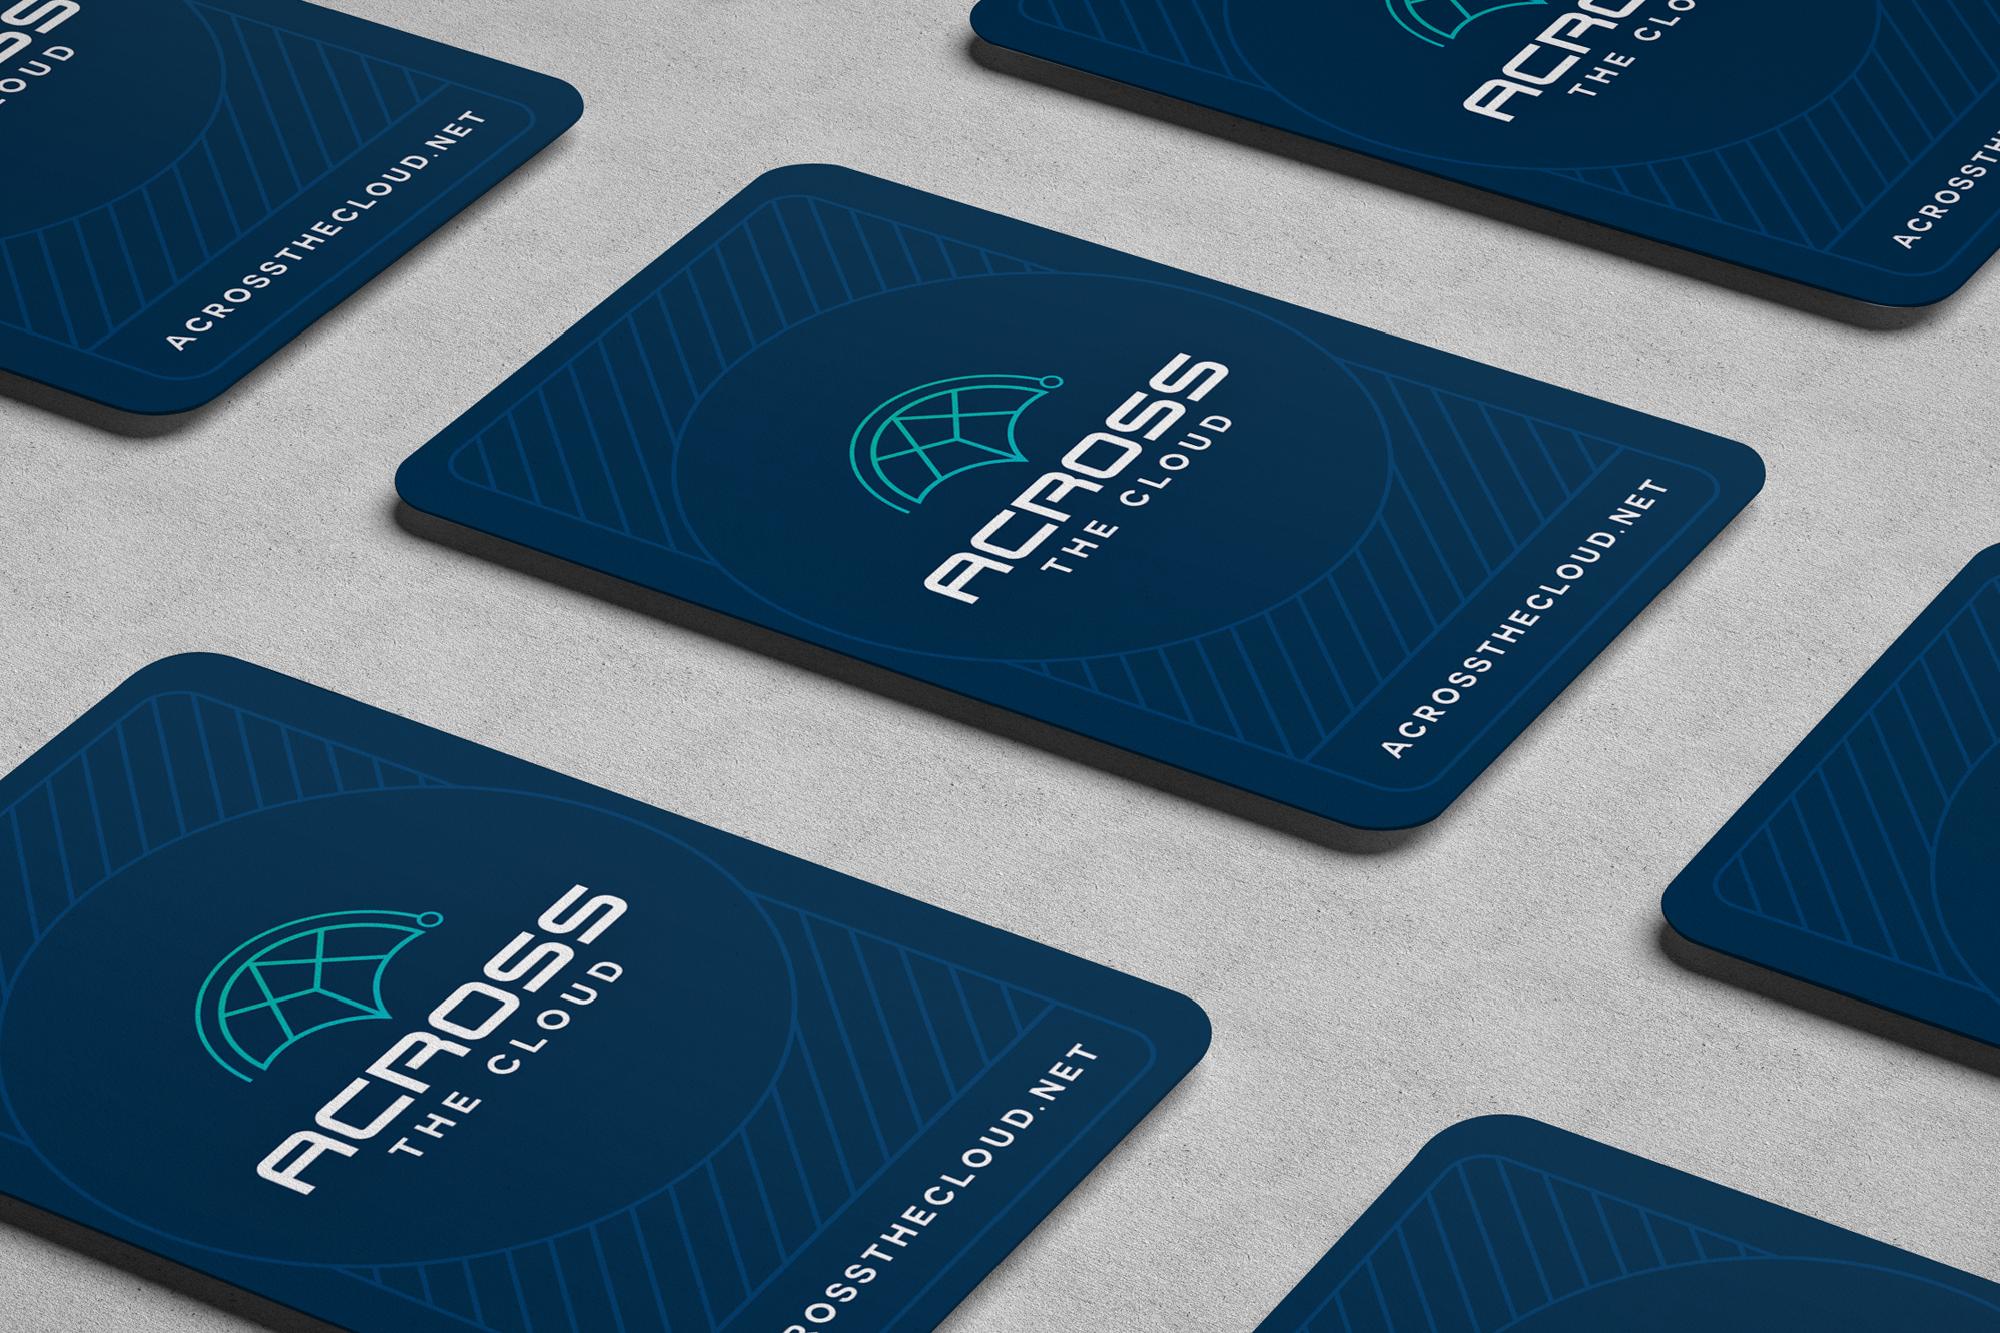 ATC business card design